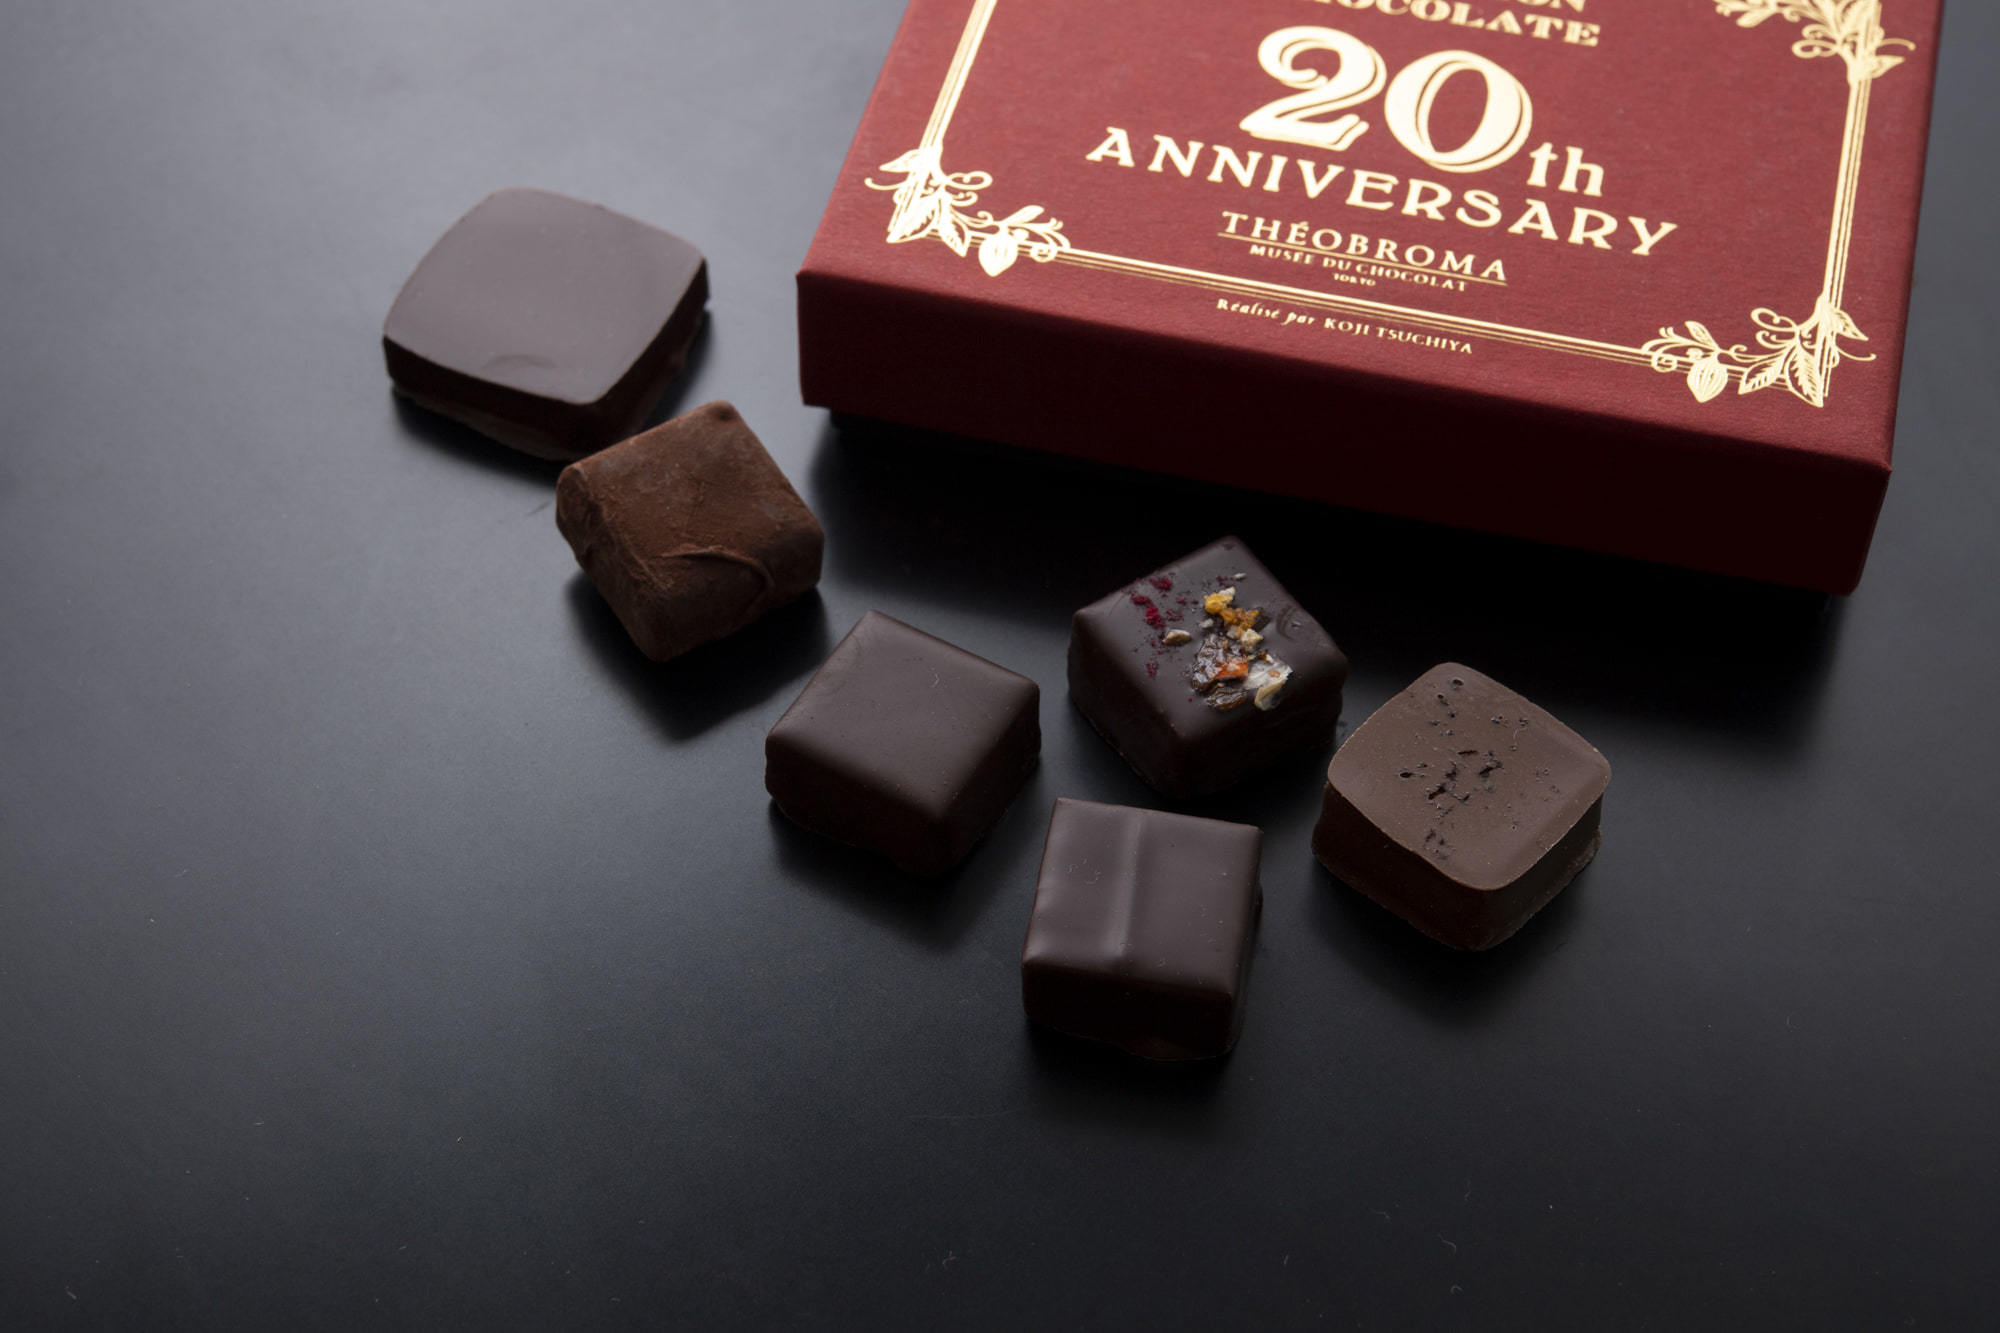 海外のチョコレート大会で受賞歴のあるボンボン・ショコラが一堂に揃った「20th アニバーサリー」。左から、ジャパニーズウイスキー、生チョコトリュフ、九条葱、アグレアーブル、紫蘇わさび、八丁味噌。香りの広がりかた、余韻が絶妙だ。2,592円(税込)。